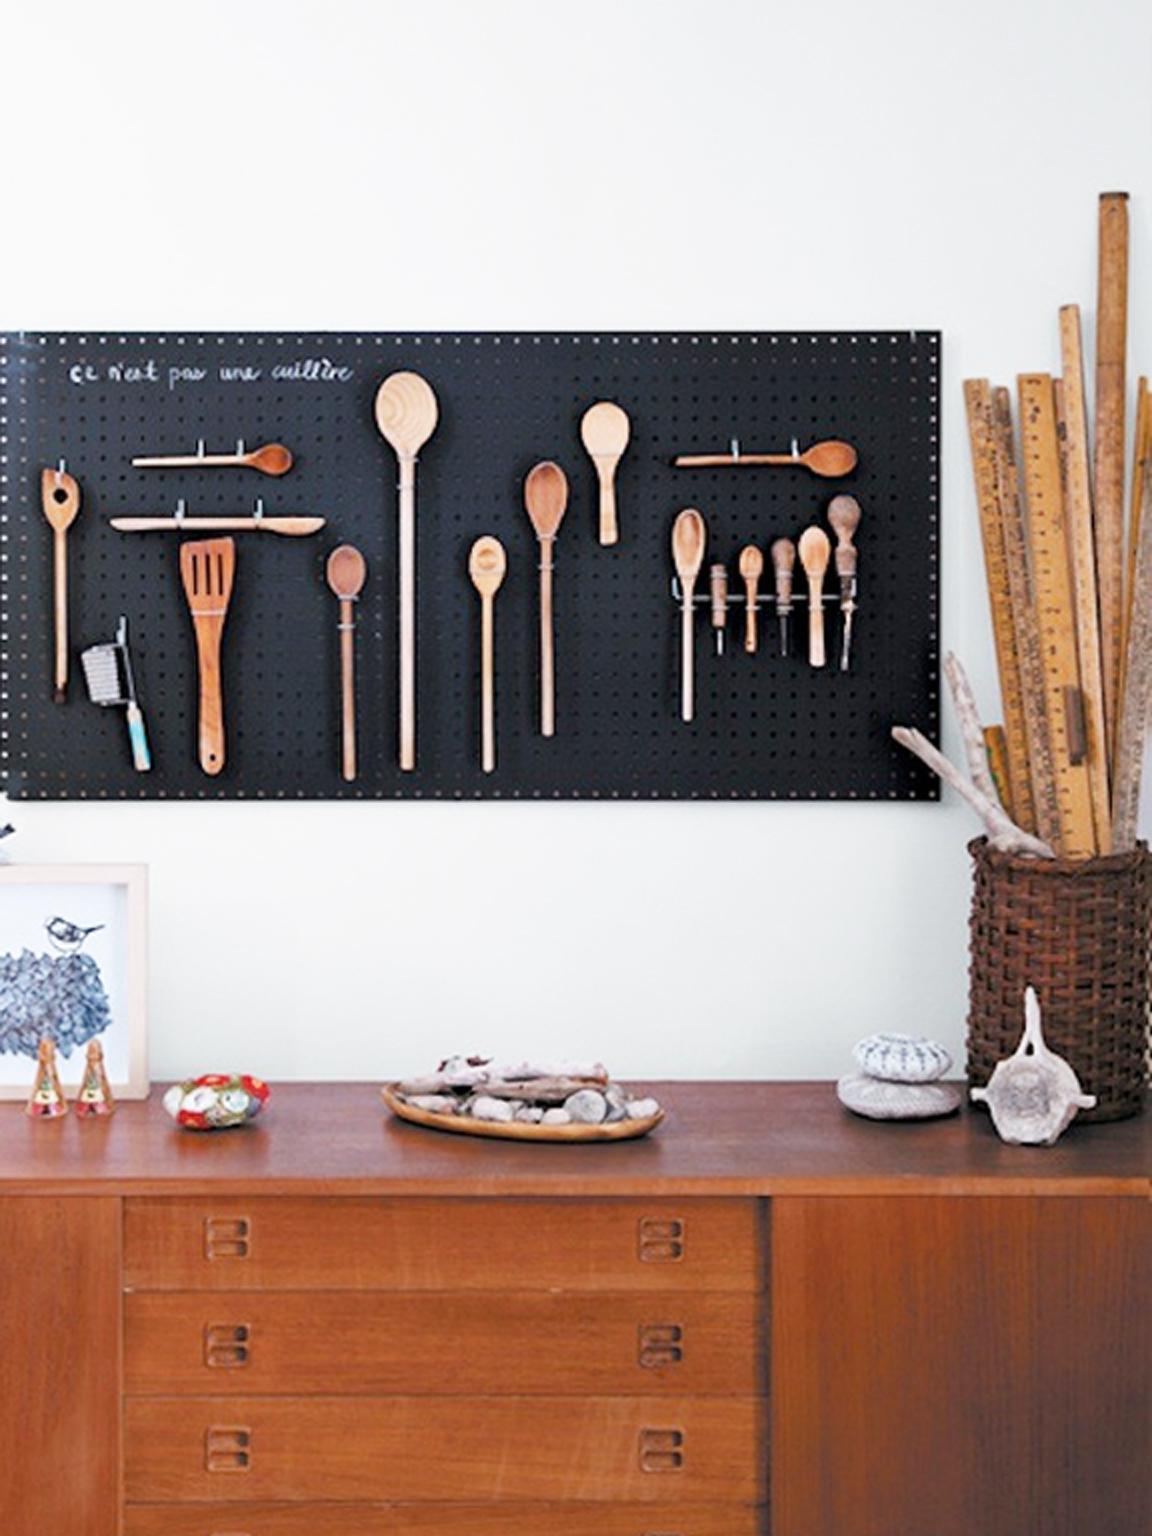 Muurdecoratie Keuken Bestek.Keuken Wanddecoratie Magneetbehang Met Dierenprint Lady Lemonade